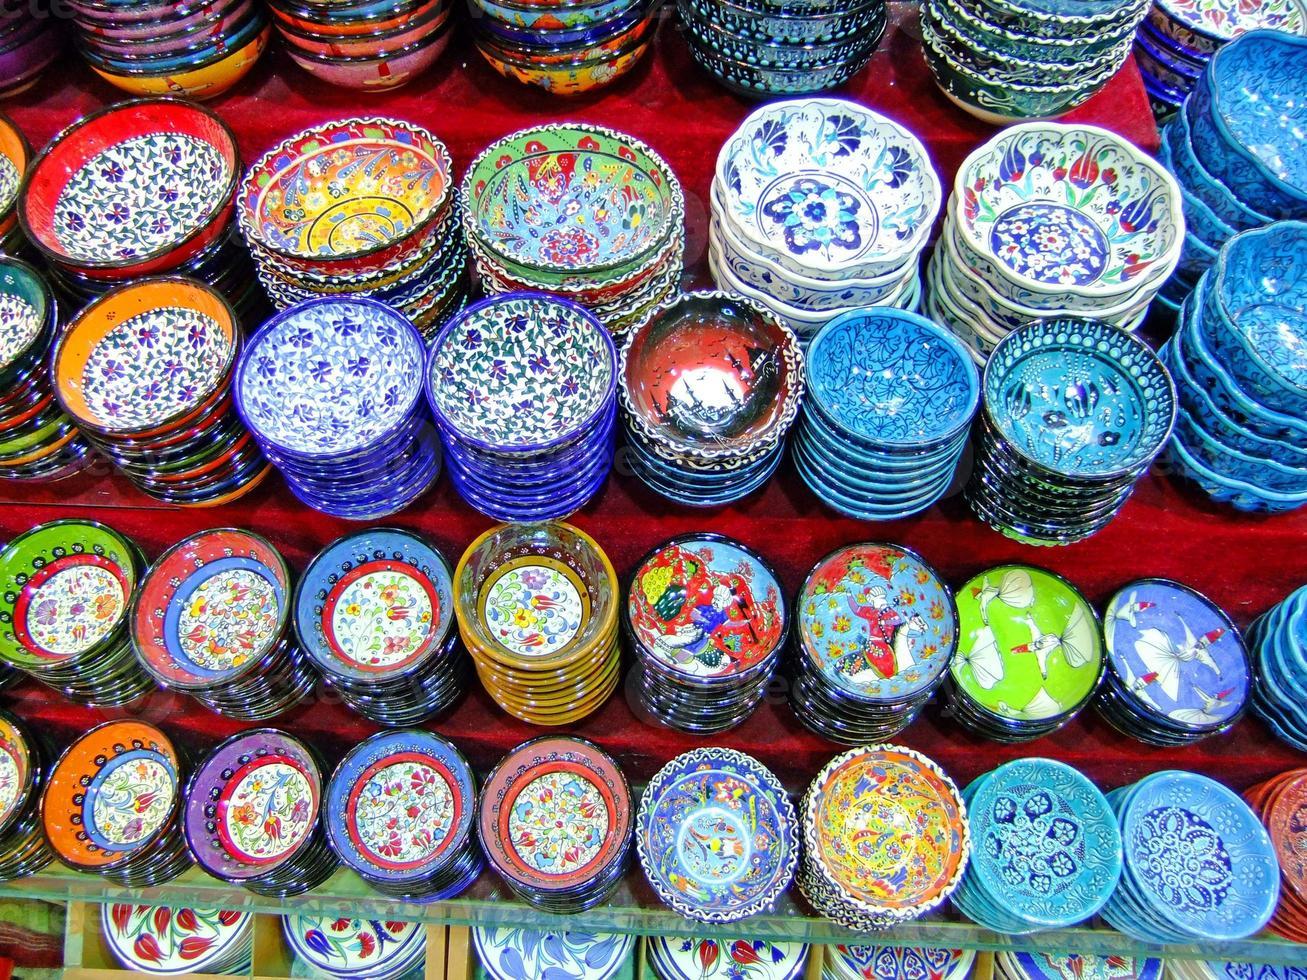 esposizione di ceramiche colorate, Istanbul, Turchia foto